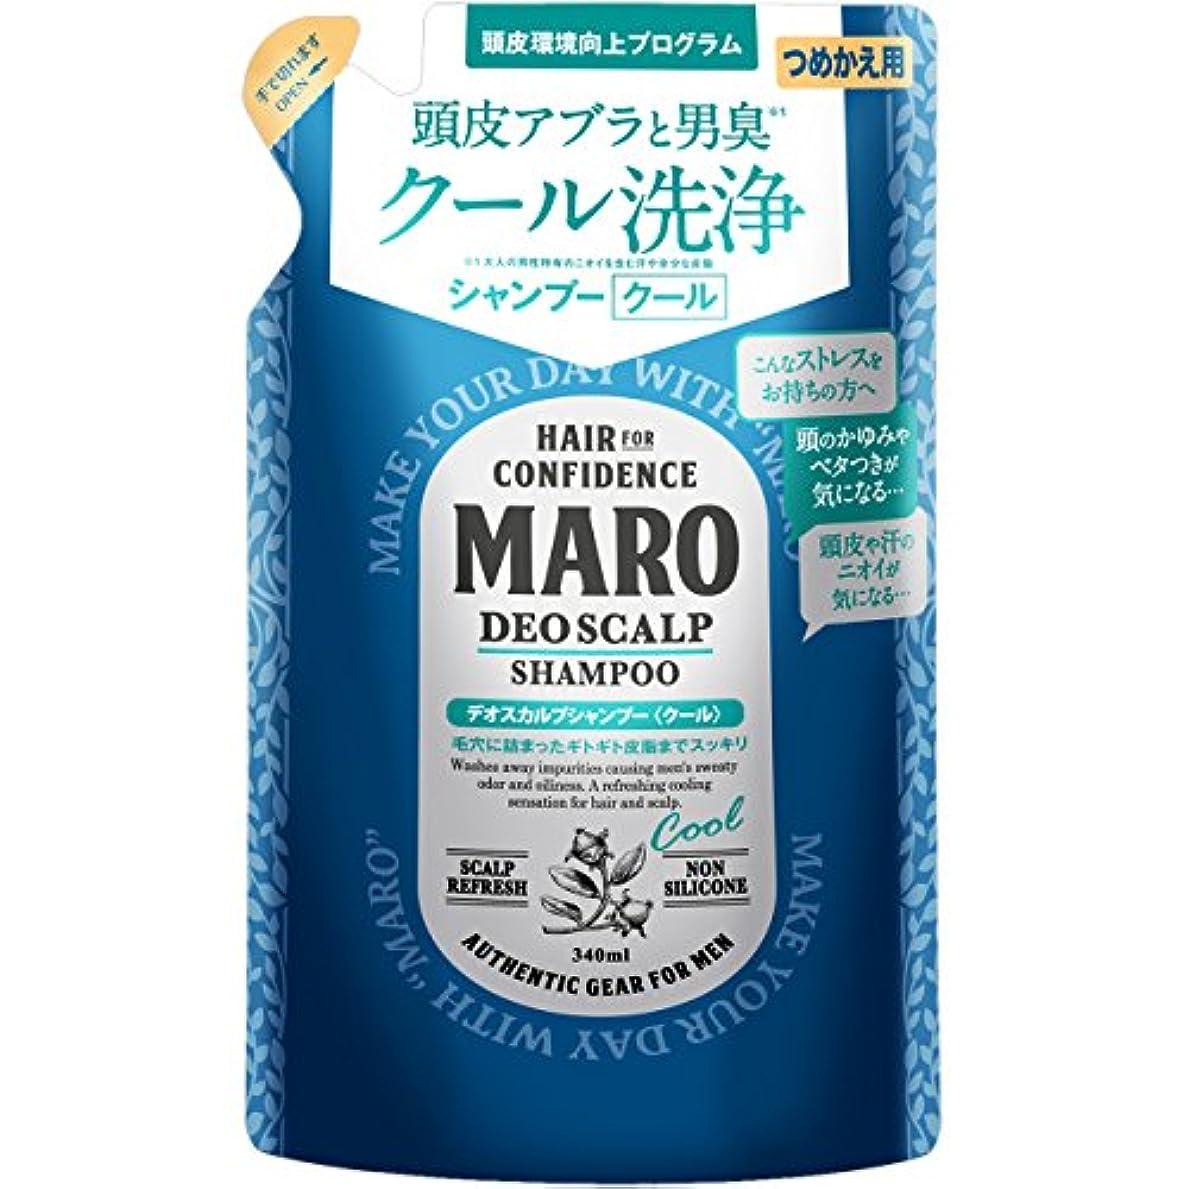 ナイトスポット果てしない苦行MARO デオスカルプ シャンプー クール 詰め替え 340ml